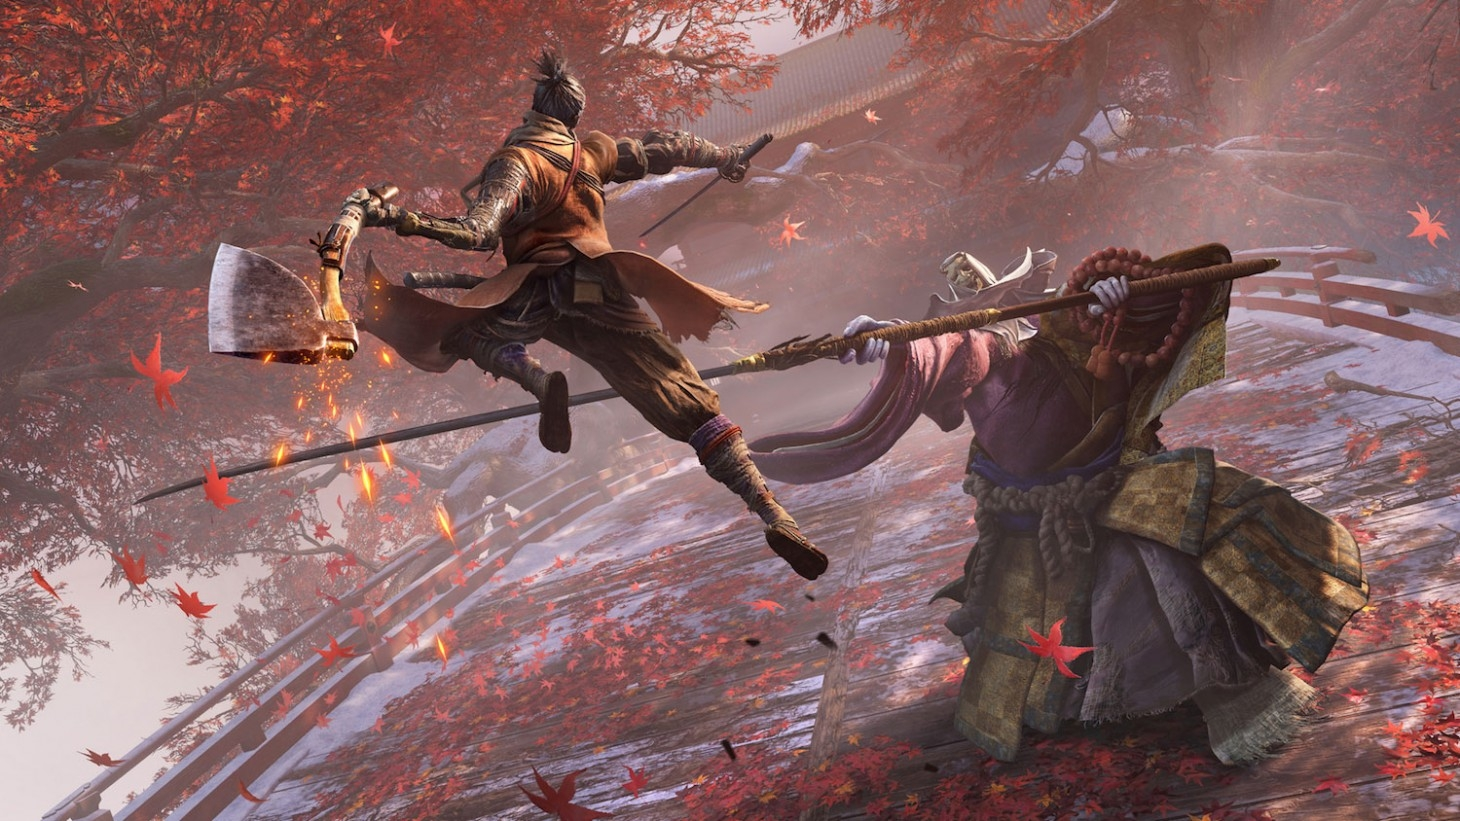 《只狼》包含玩家熟悉的中心区域 三名NPC全程辅助